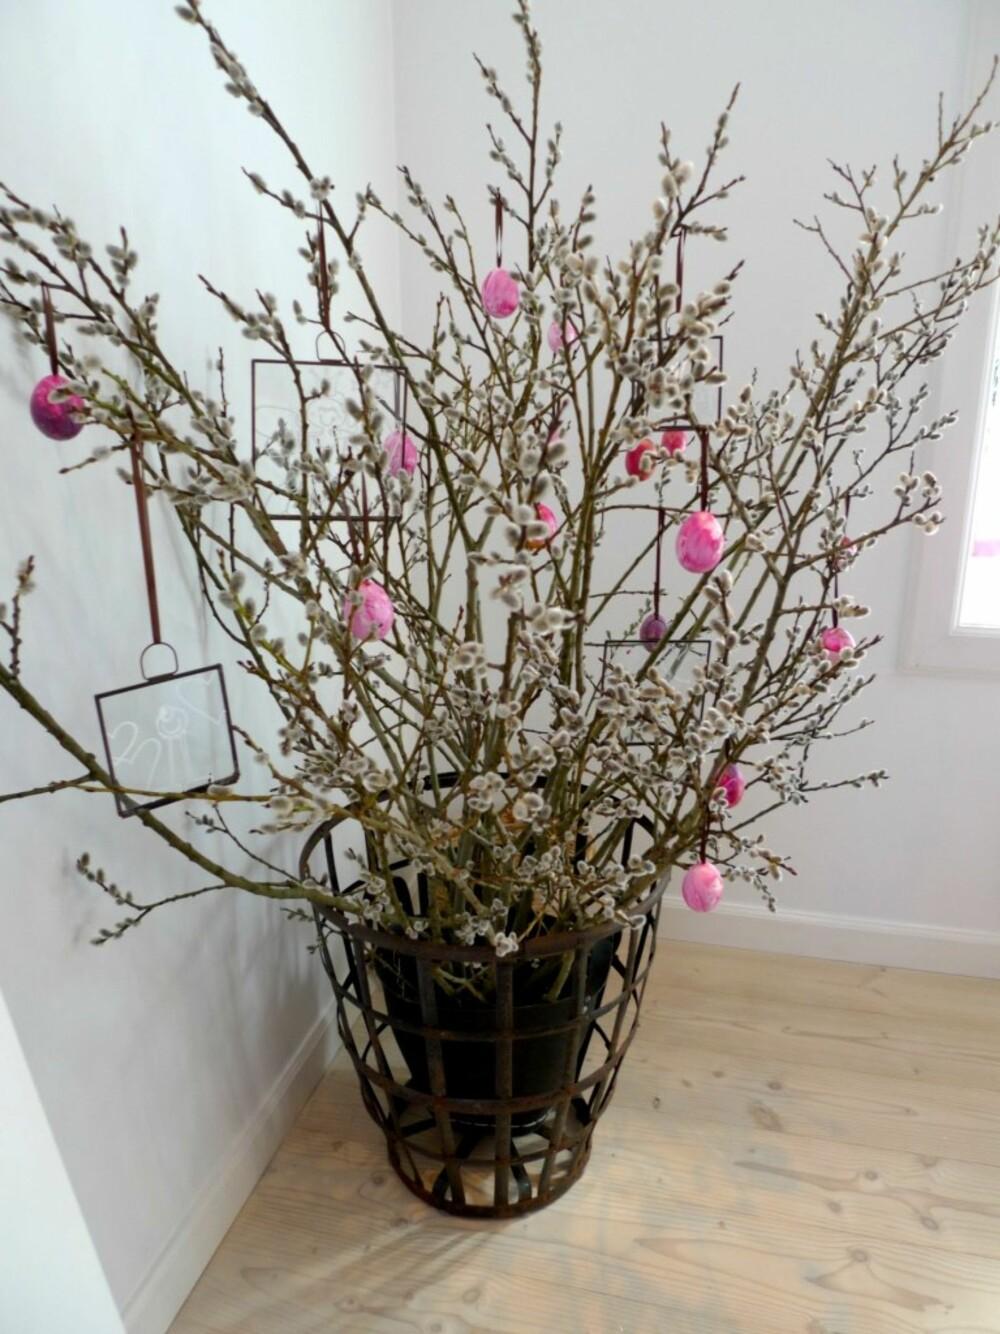 DEKORATIVT: Klipp av greiner med gåsunger og ta de inn i stuen. Det blir veldig dekorativt med litt pynt og hjemmemalte påskeegg.